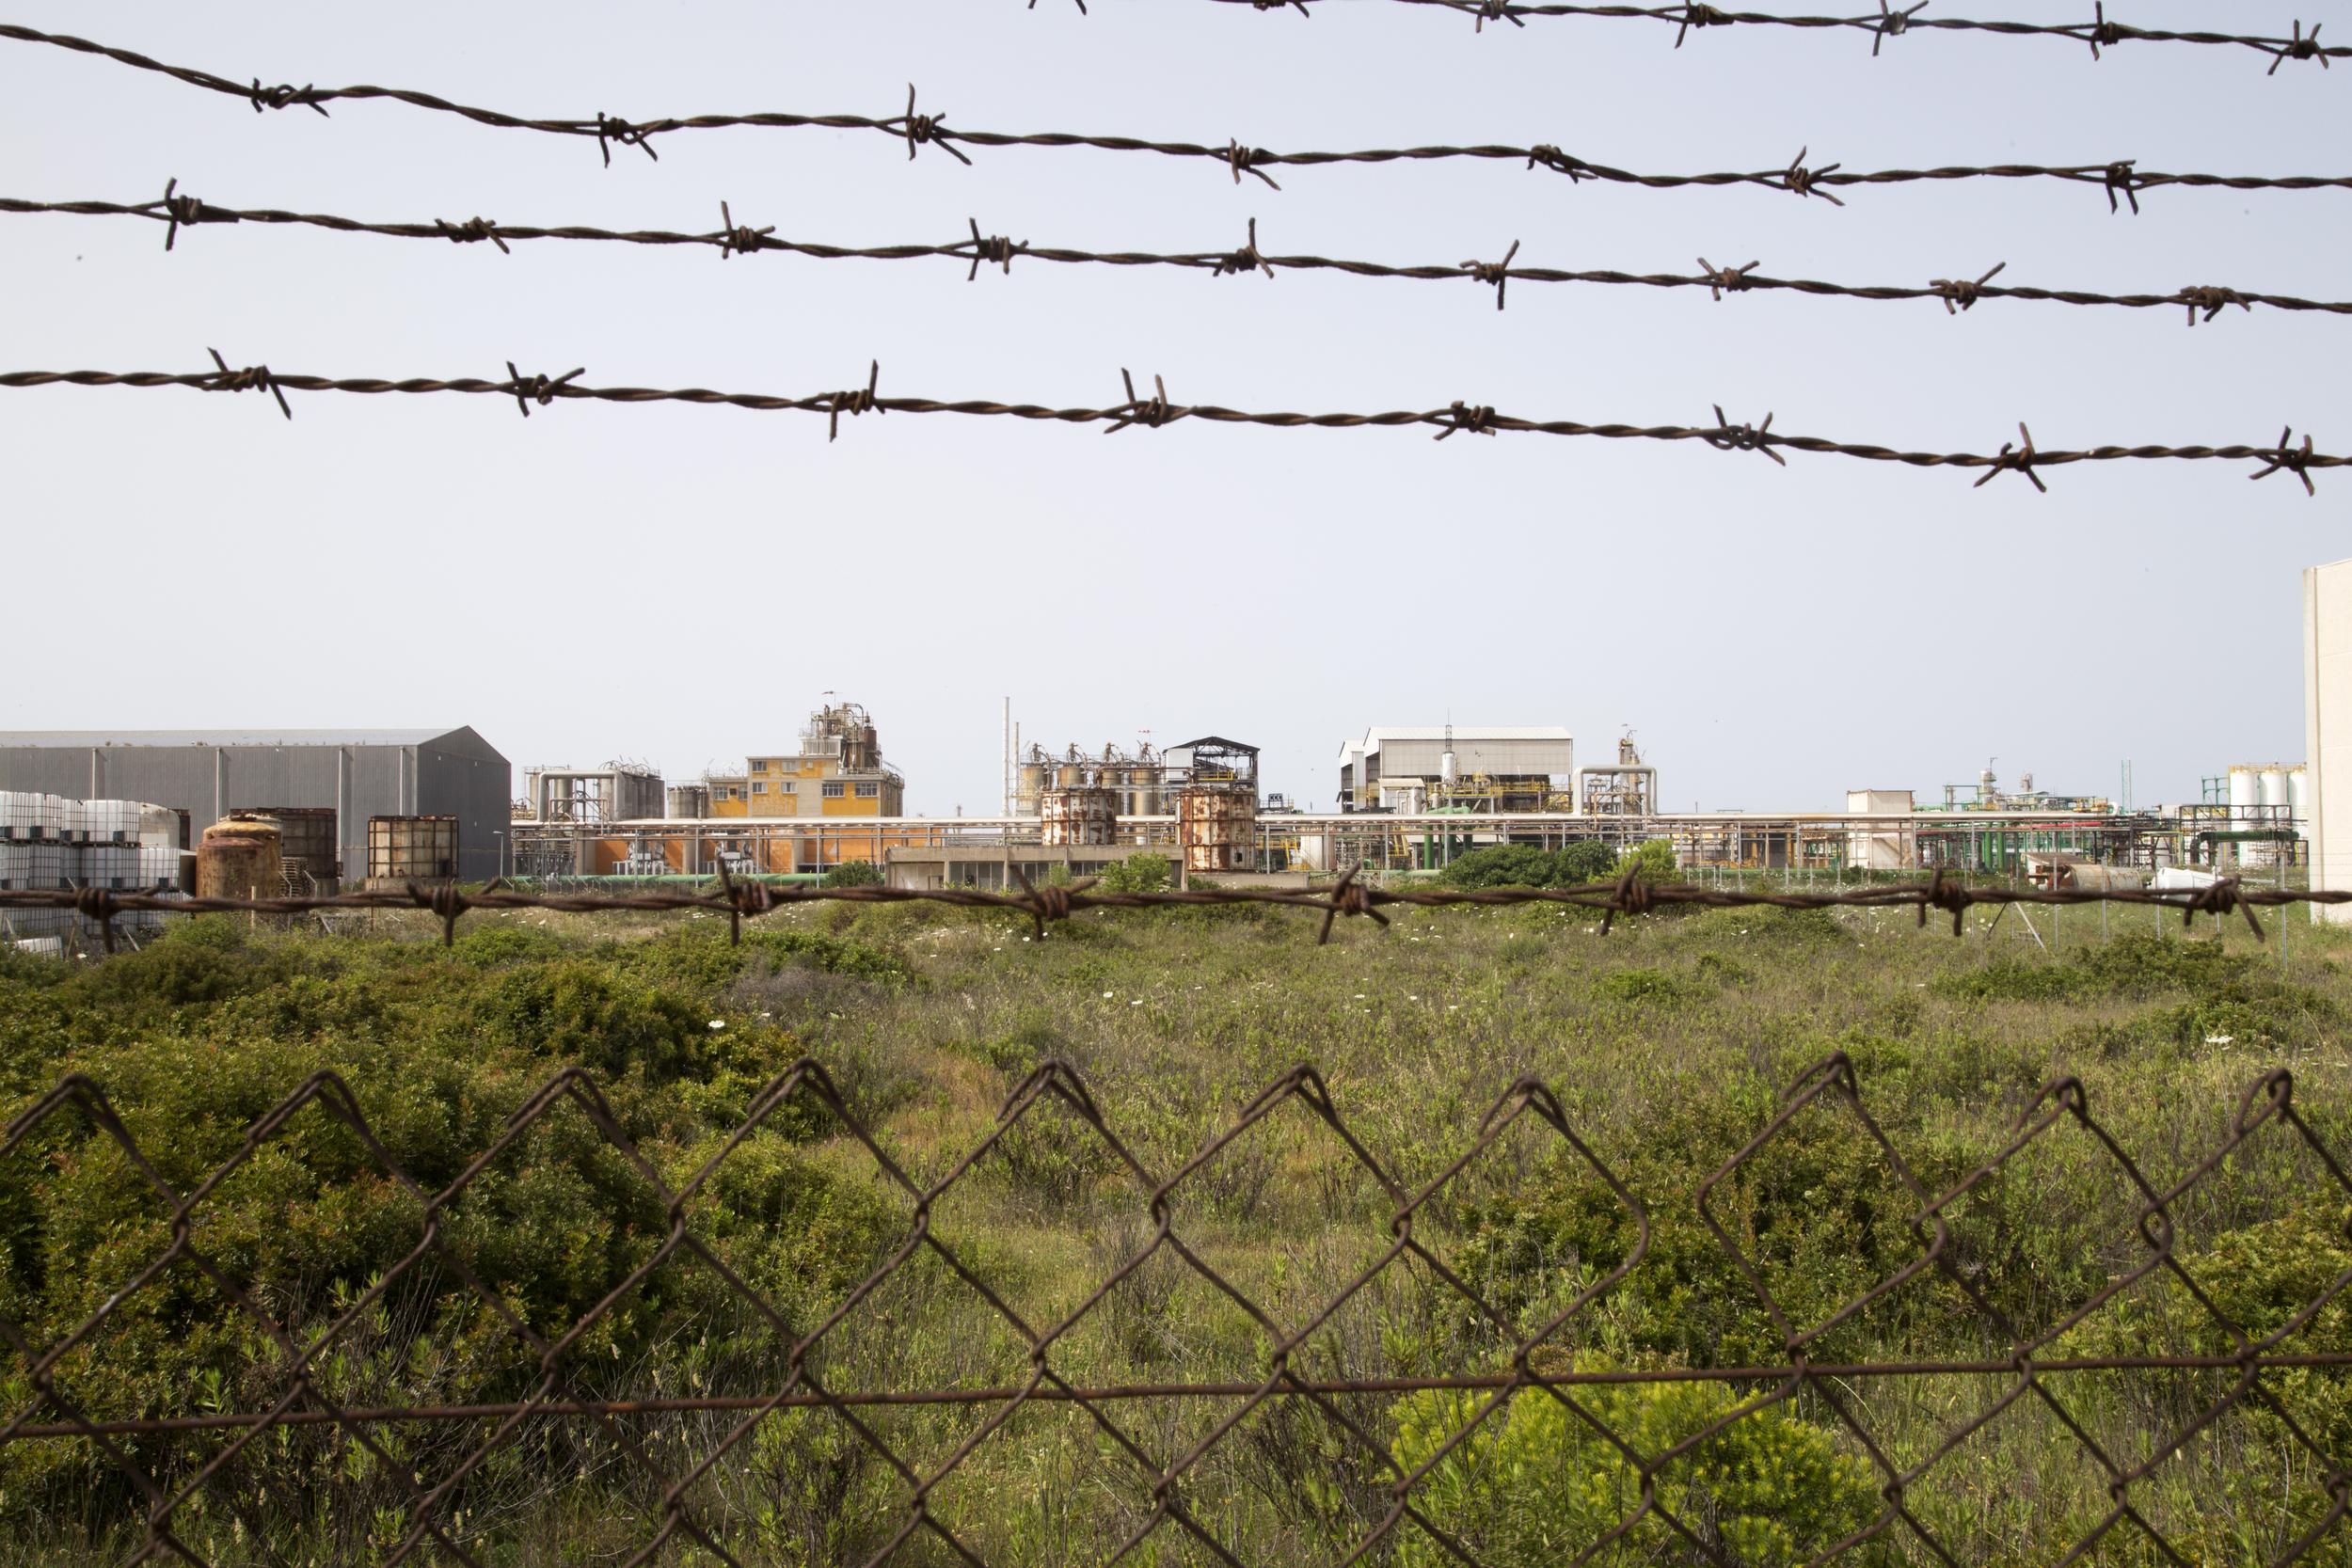 Porto Torres, 2014. L'ex petrolchimico ENI, chiuso nel 2010. La costruzione della centrale da 43,5 megawatt elettrici per la produzione di biomasse sarà costruita nella zona di Minciaredda, area attualmente ancora da bonificare.